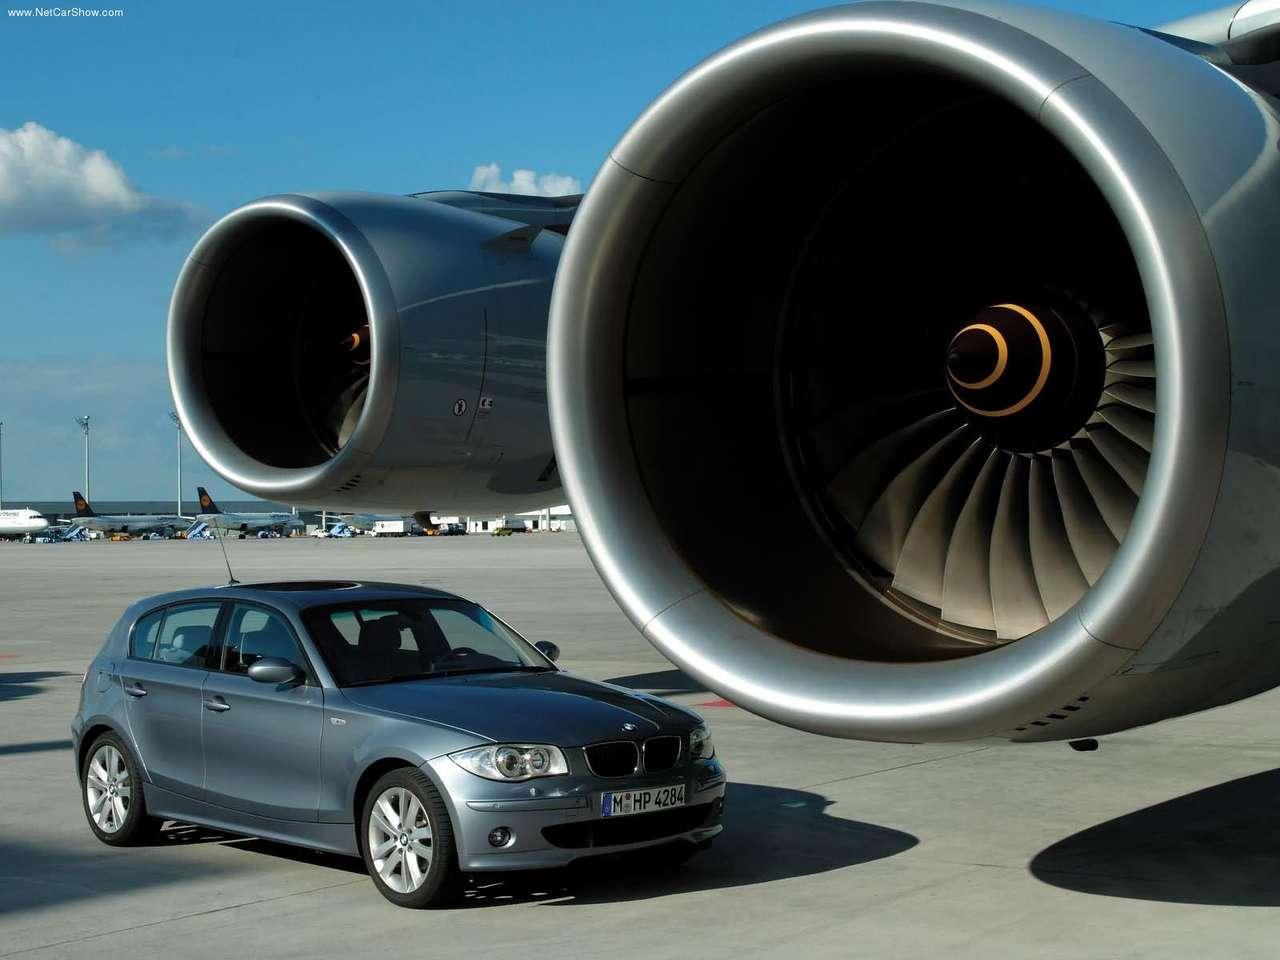 http://4.bp.blogspot.com/_vPMjJG-enrk/TAqOCHvnNaI/AAAAAAAACrU/Dnb_NvPa5os/s1600/BMW-120i_2005_1280x960_wallpaper_04.jpg